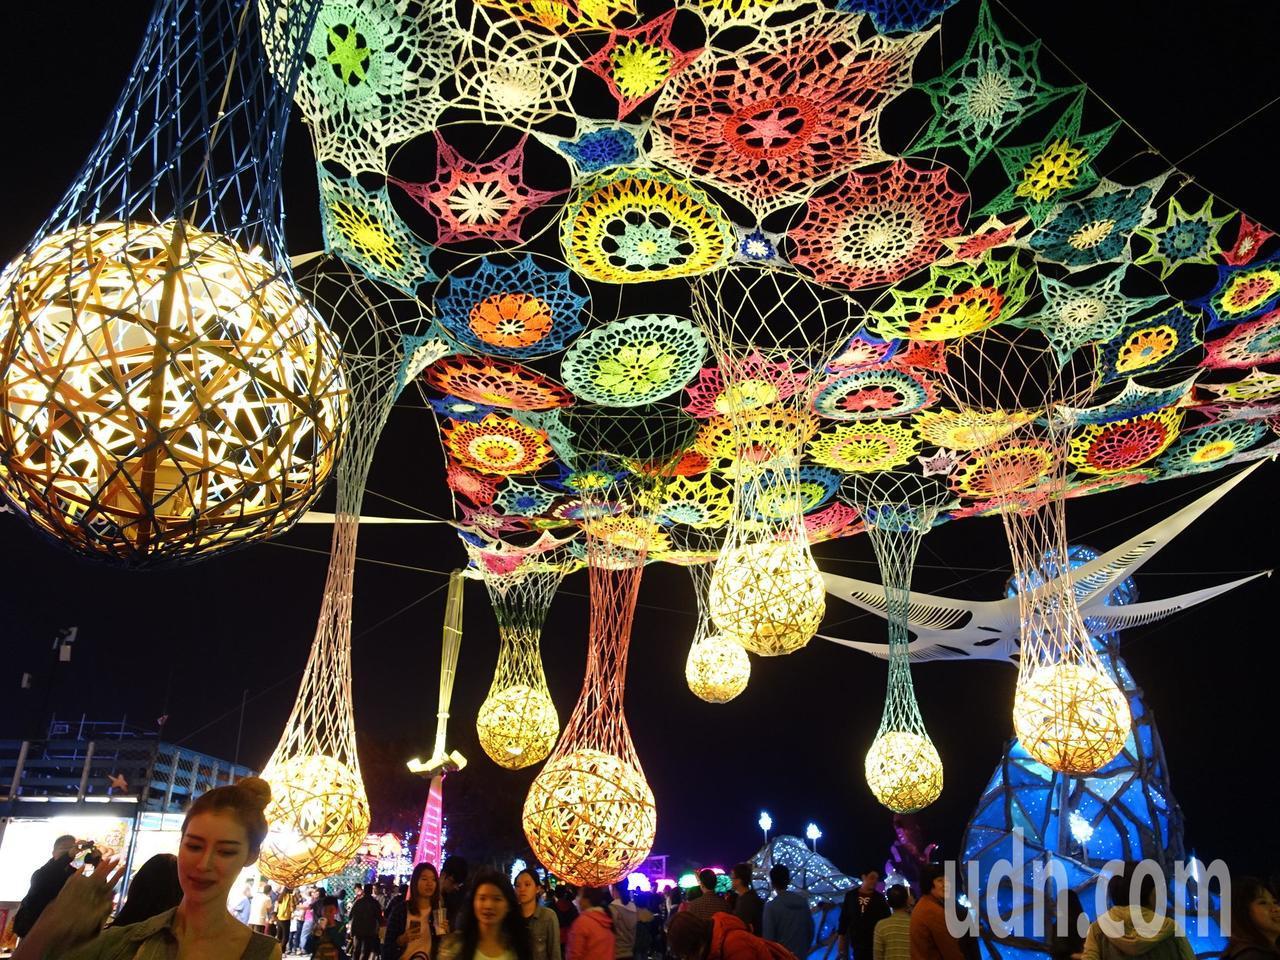 台灣燈會的大鵬灣燈區包括20個特色燈區,共有184個主題燈及600多座競賽燈,藝...